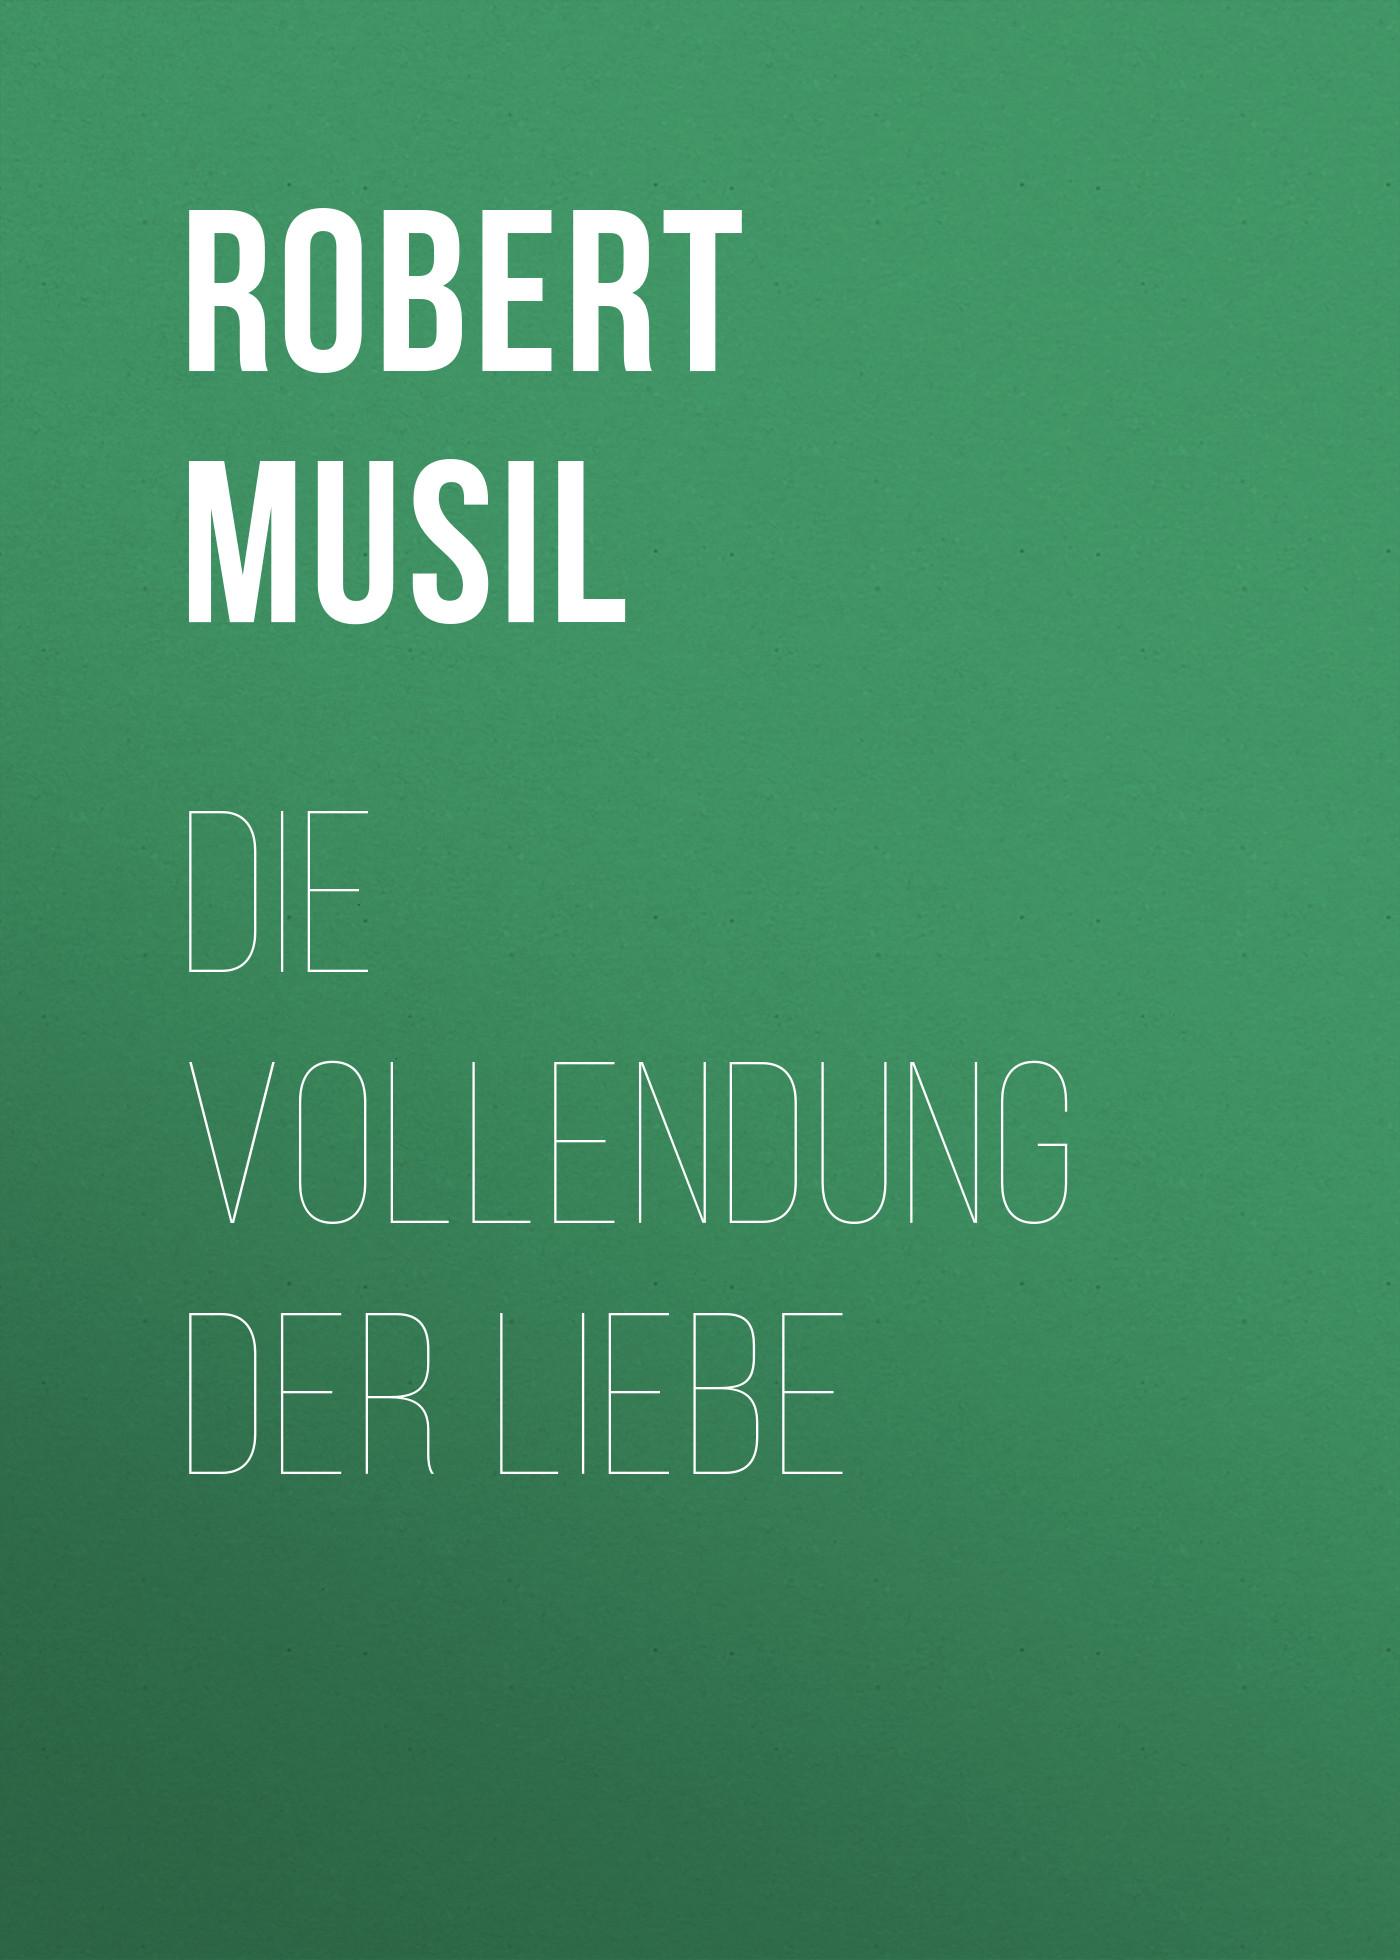 Robert Musil Die Vollendung der Liebe maike krüger die liebe spricht